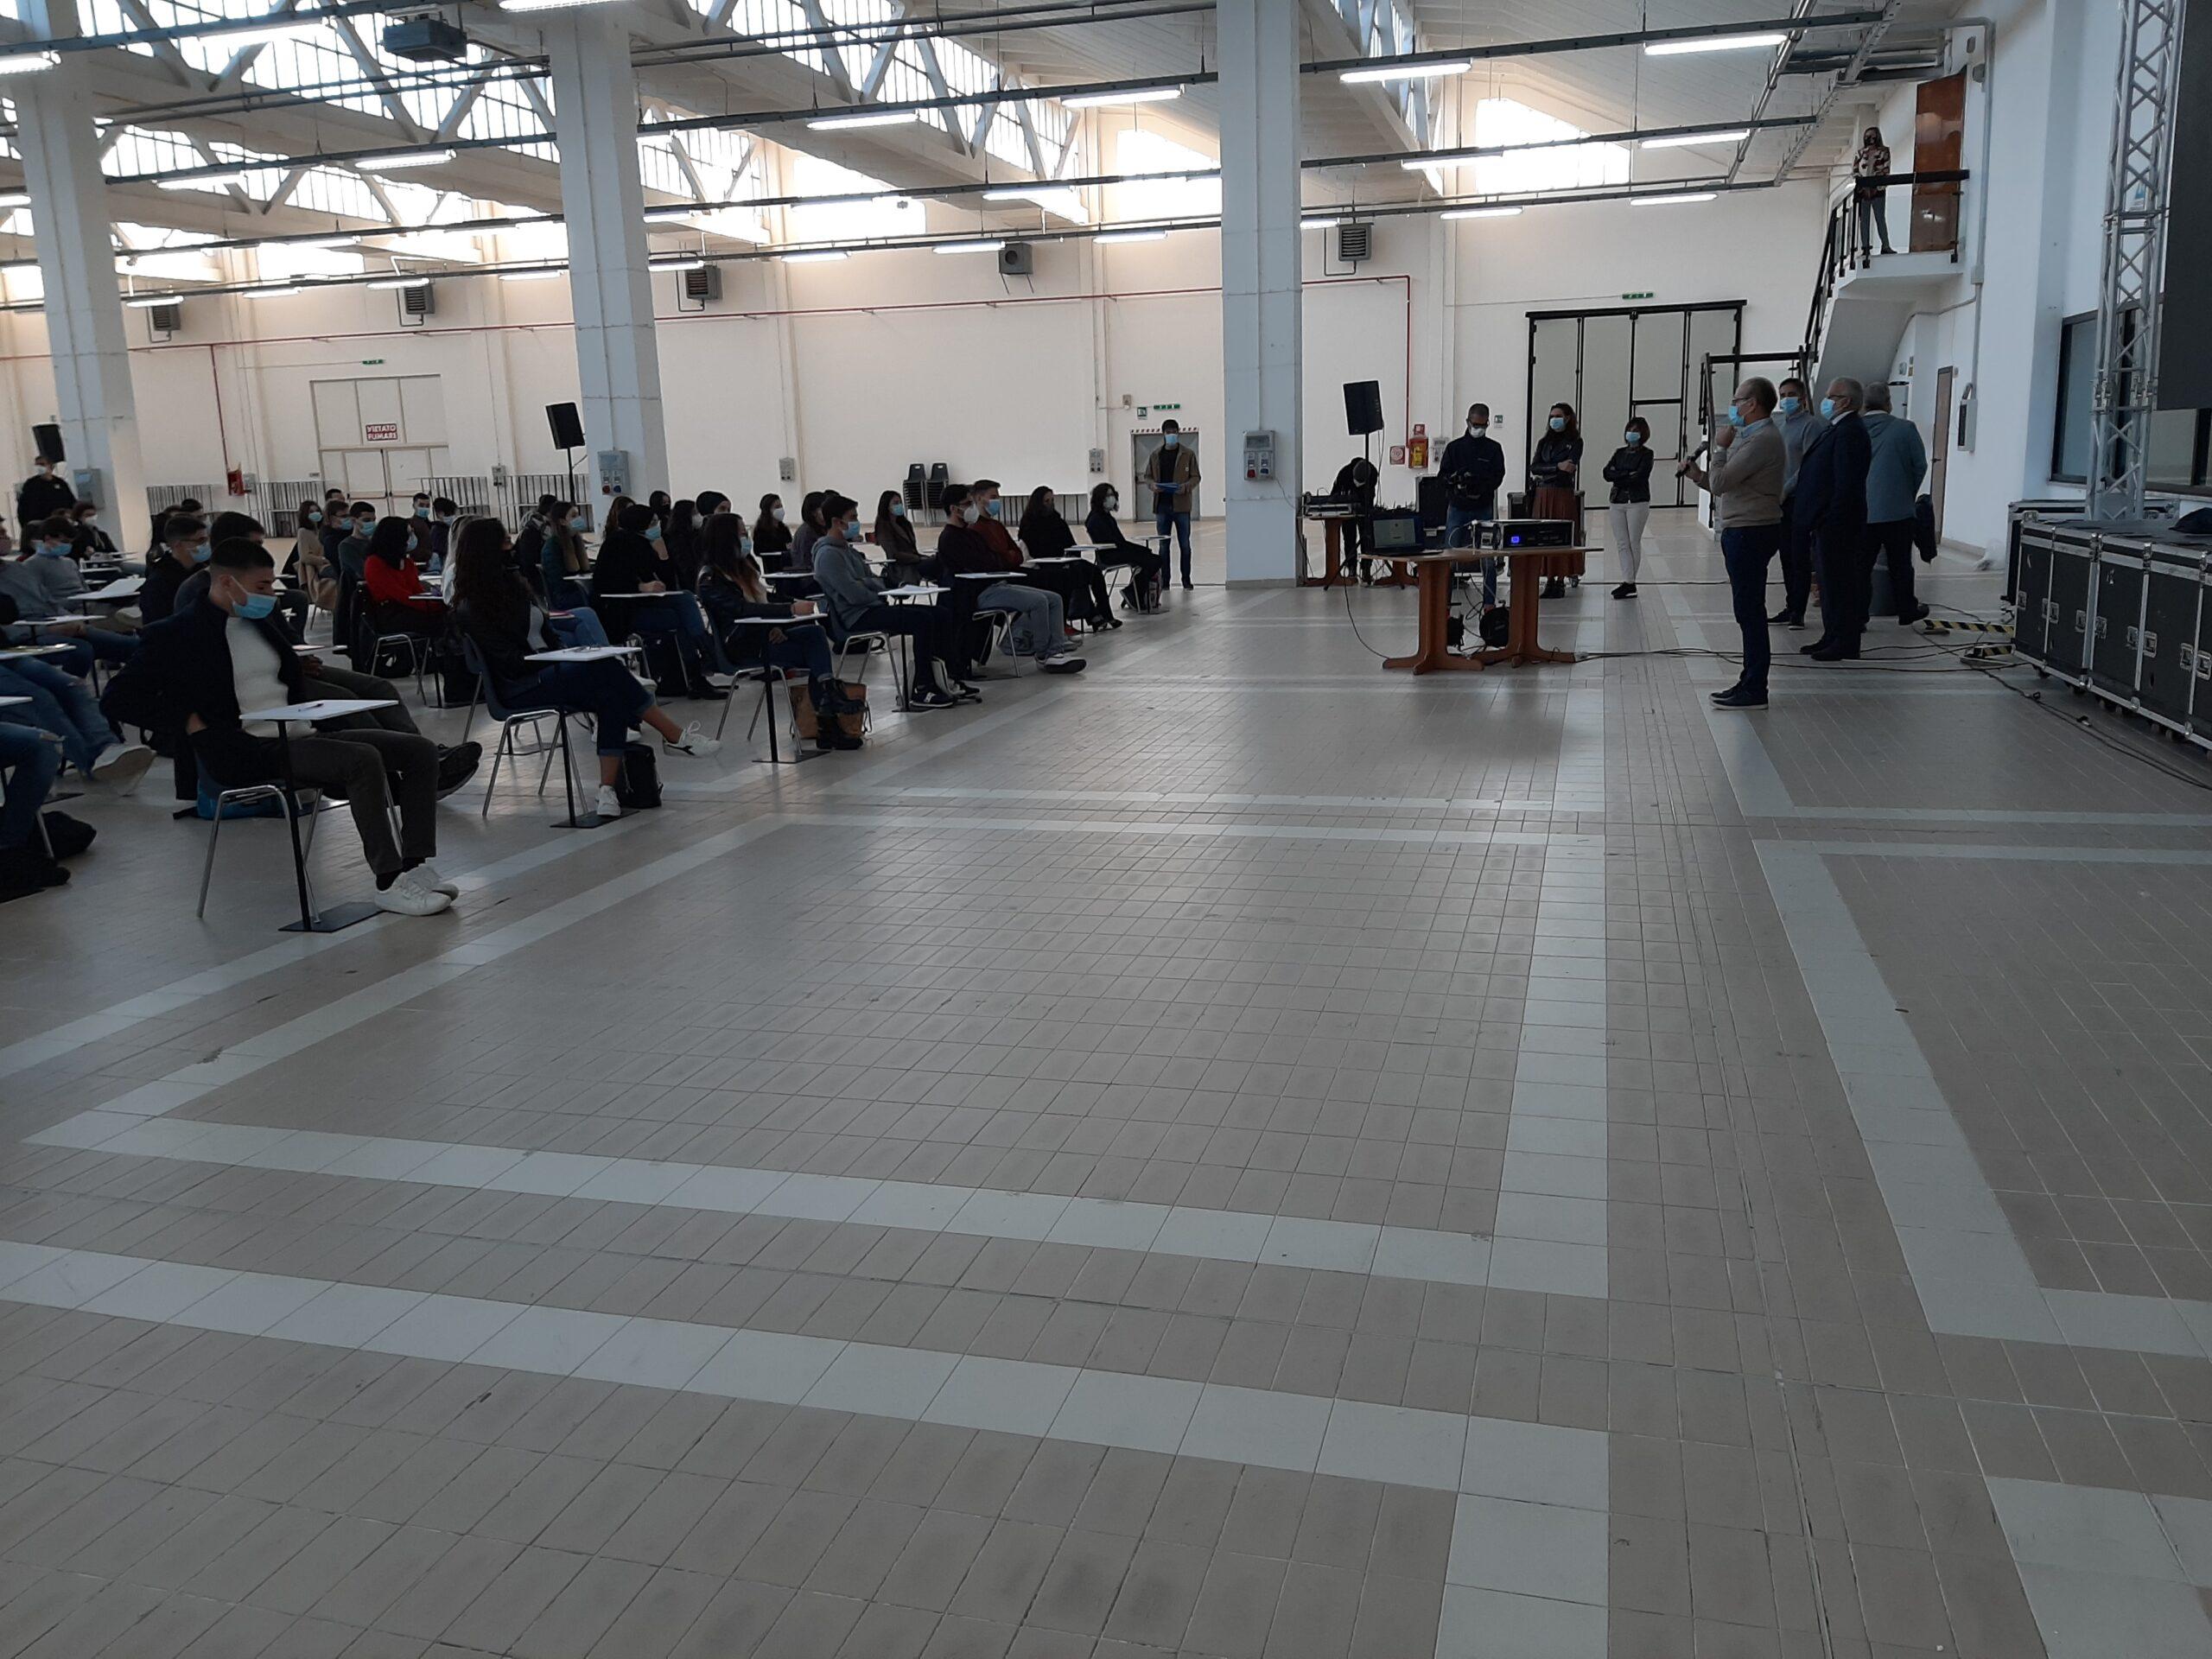 La didattica in presenza nel rispetto delle regole grazie alla collaborazione tra Università di Sassari e Camera di Commercio